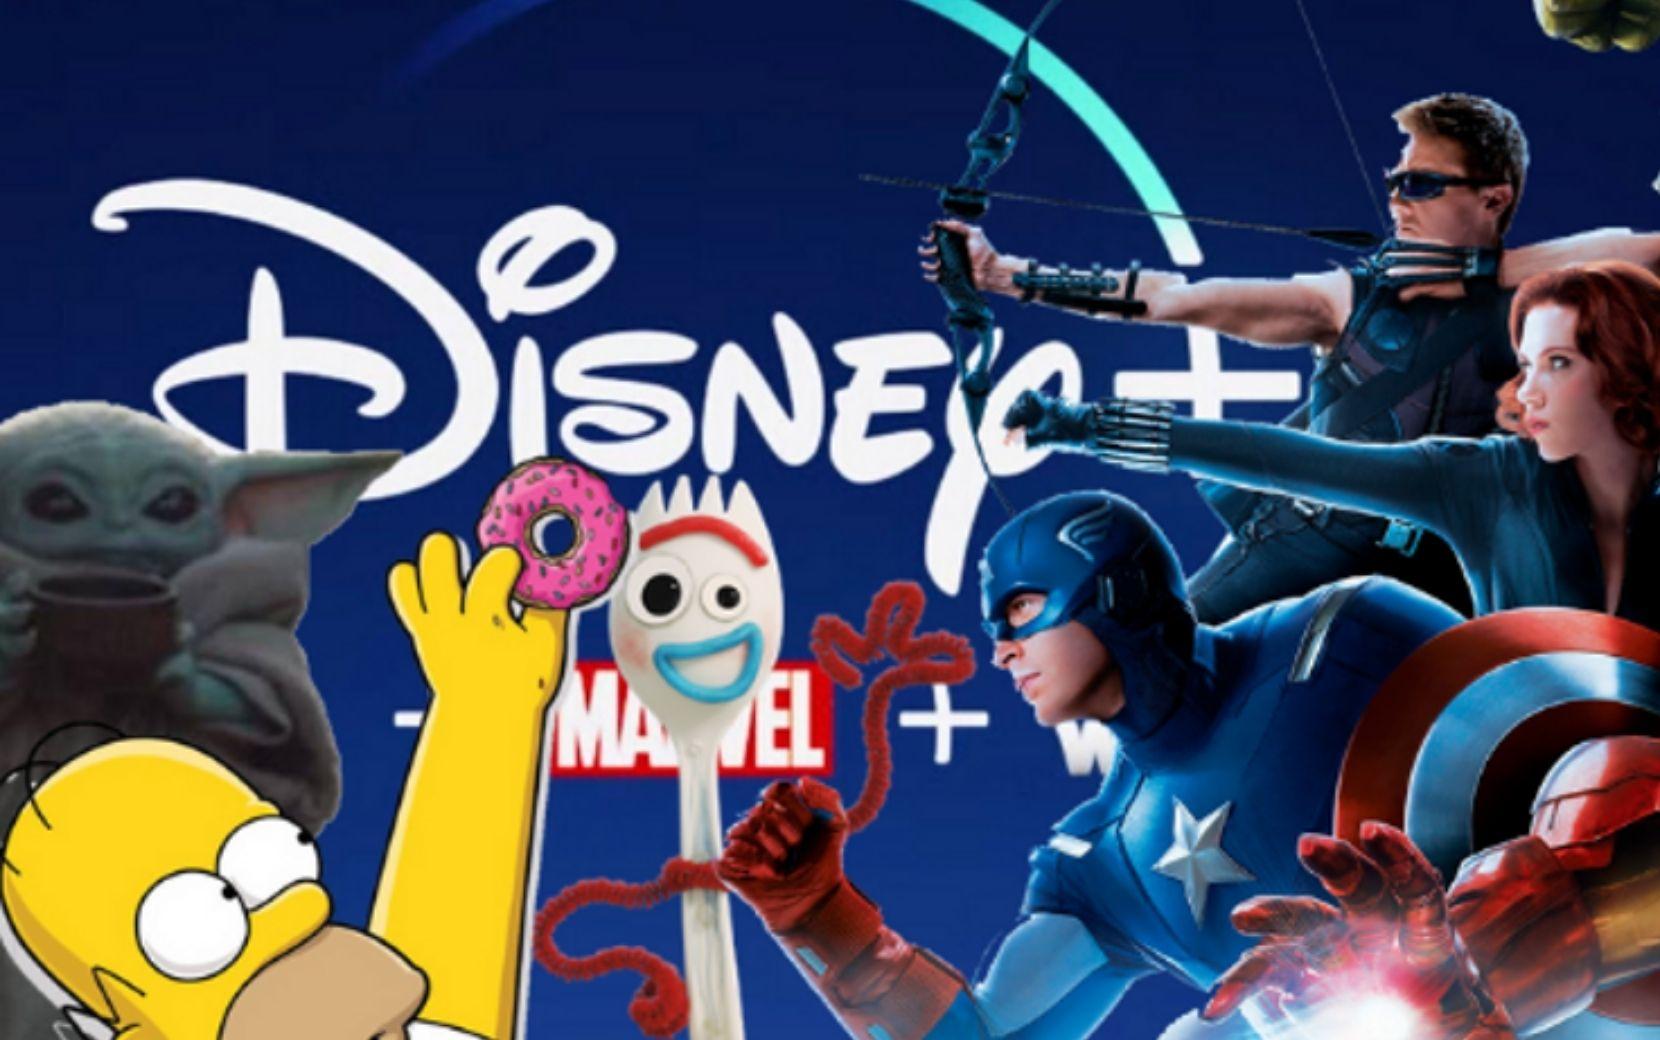 Disney+ inicia pré-venda de assinaturas com desconto na América Latina nesta terça-feira (3)